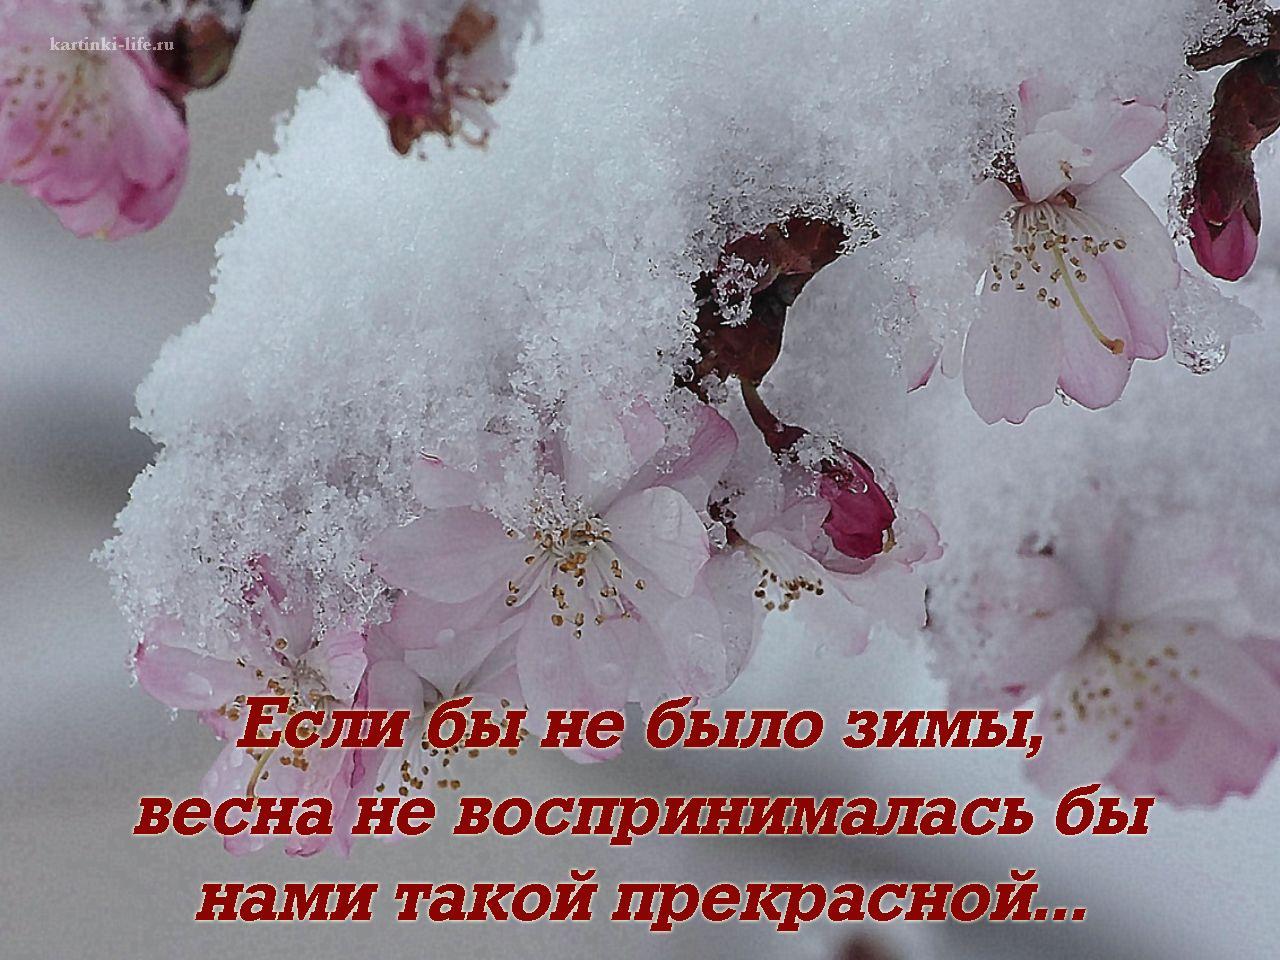 Открытки снег весной, про друзья